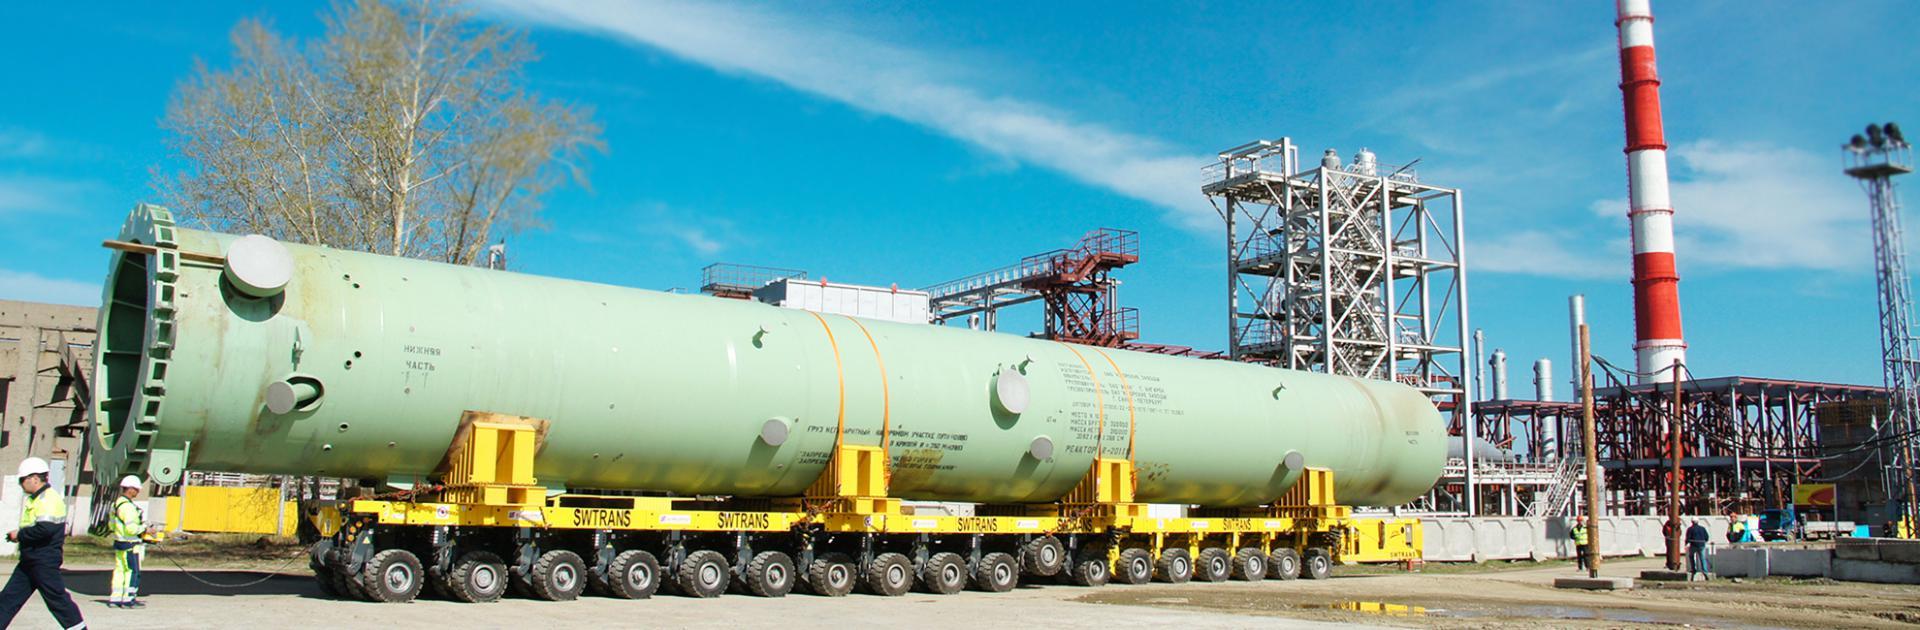 Негабаритные перевозки тяжеловесных грузов автотранспортом в  БОЛЬШЕ ЧЕМ ВОЗМОЖНО